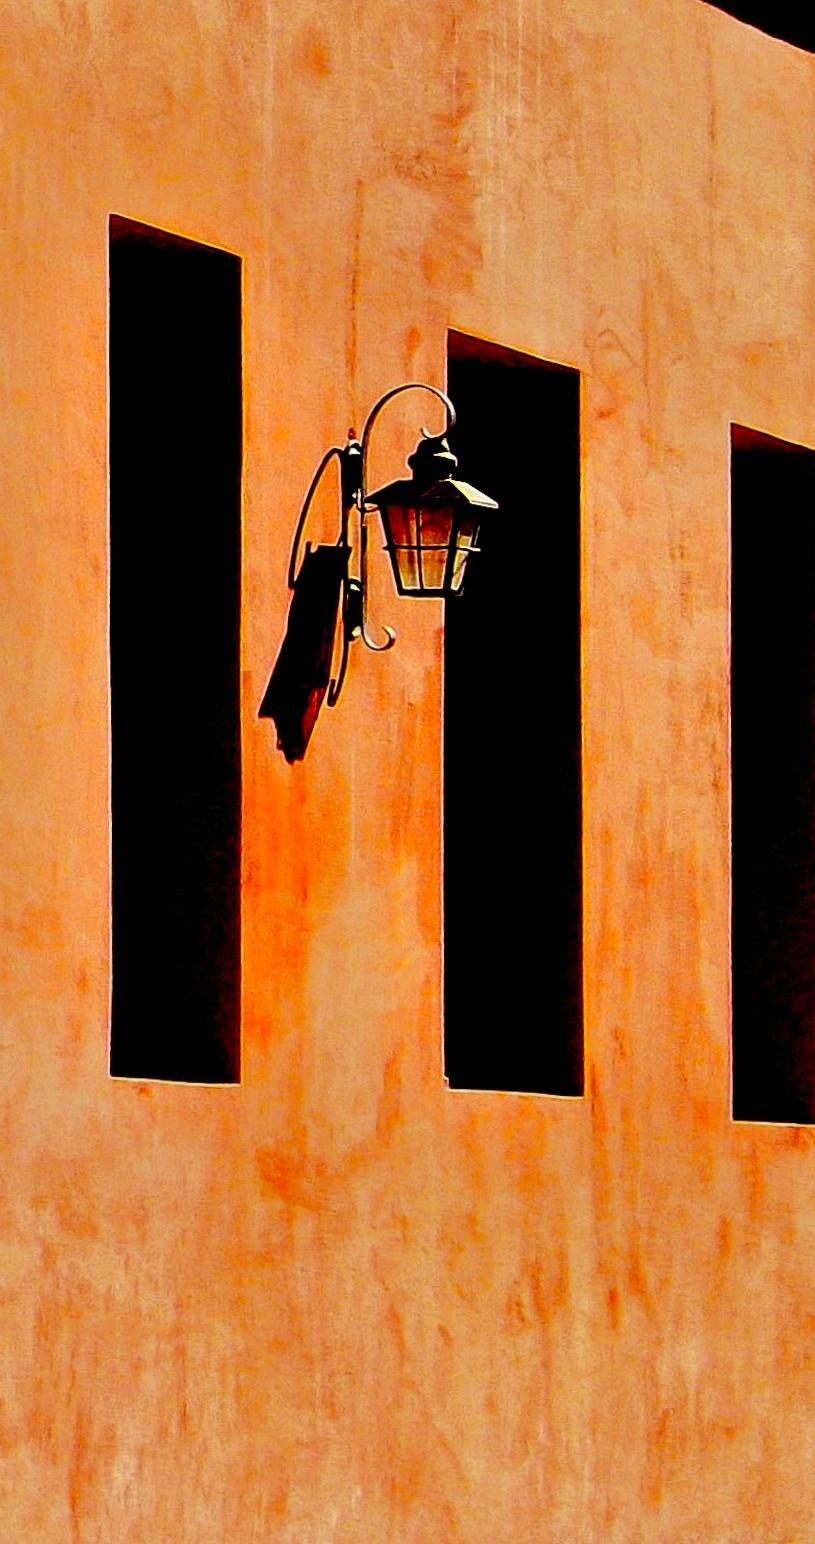 Shadow by maria.telegdy